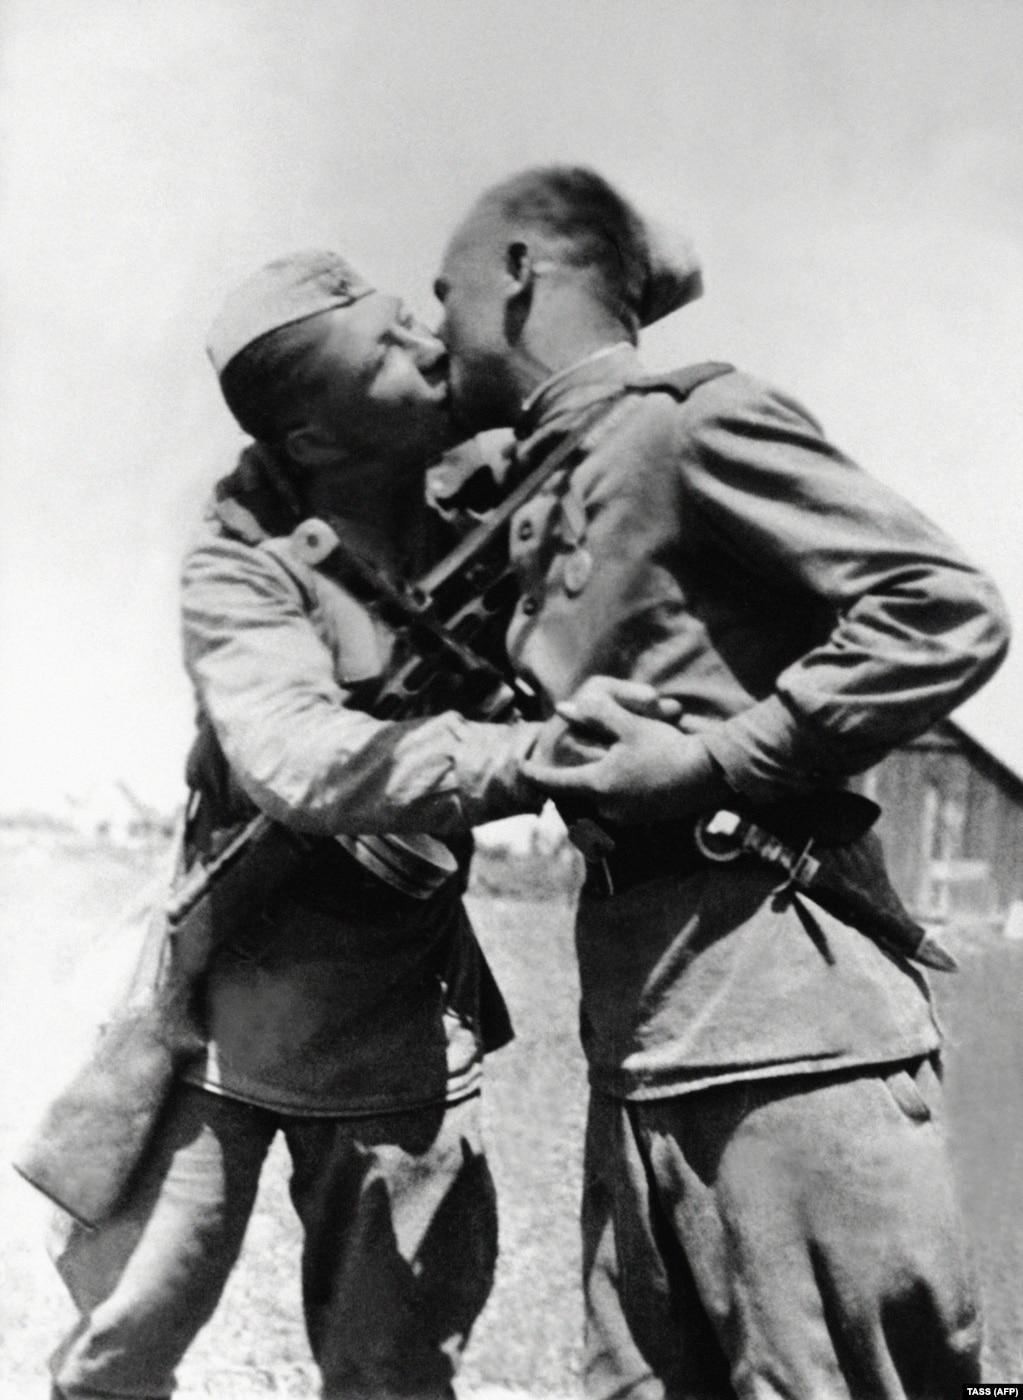 Солдати Червоної армії цілуються після оголошення перемоги над нацистською Німеччиною, 1945 рік